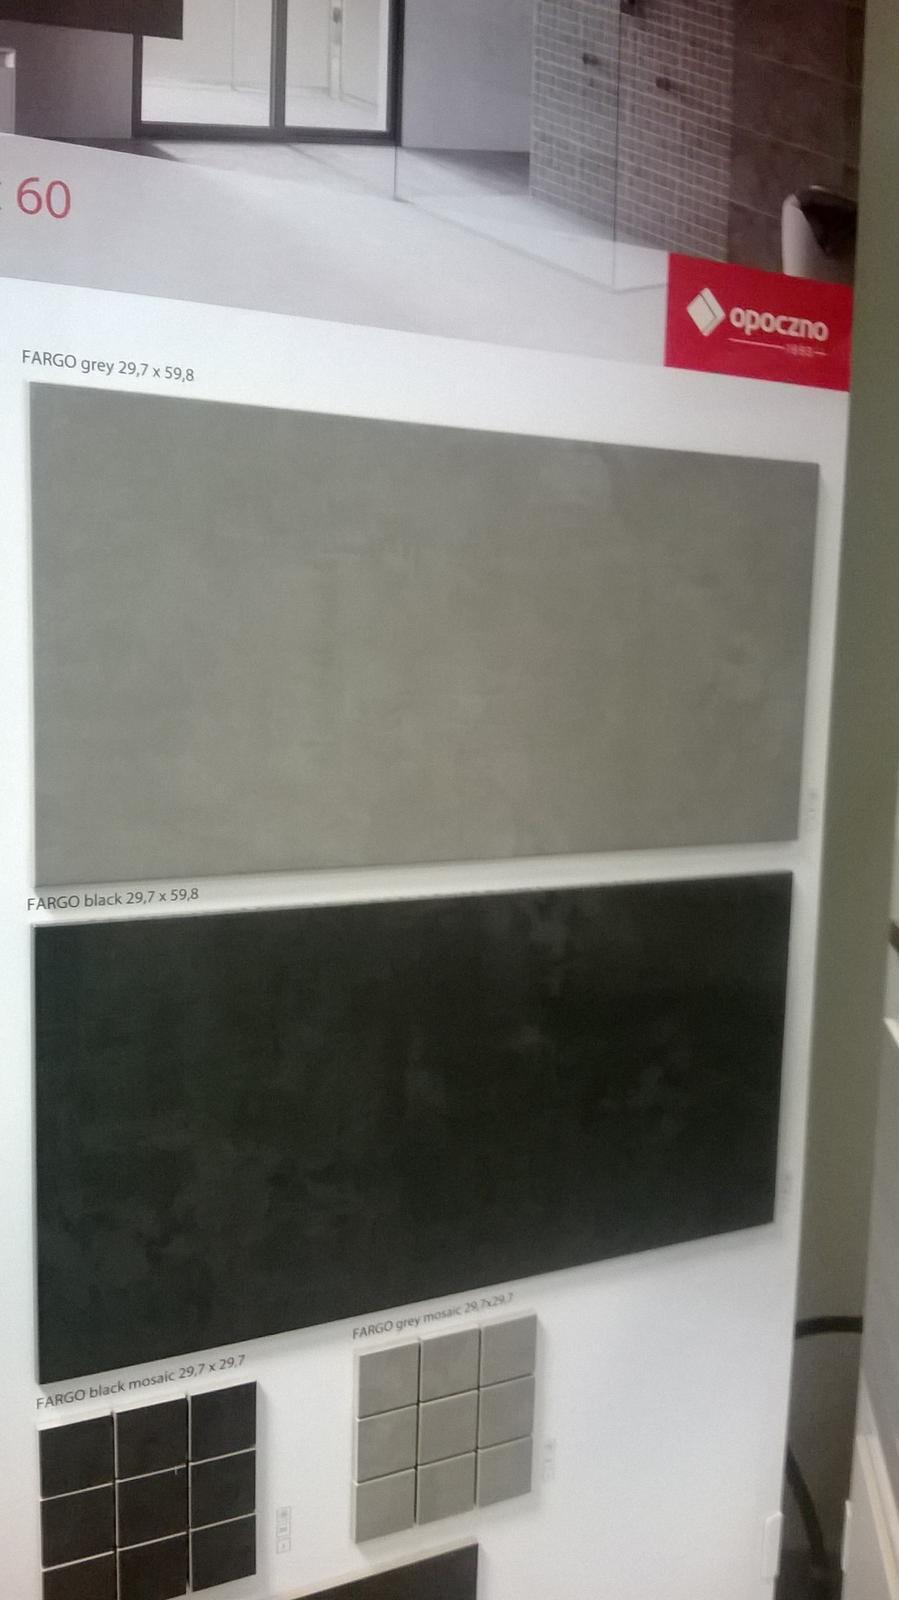 Kompletní rekonstrukce bytu 3+1 - vizualizace, vybrané zařízení a plány - Obklad do koupelny - světle šedá